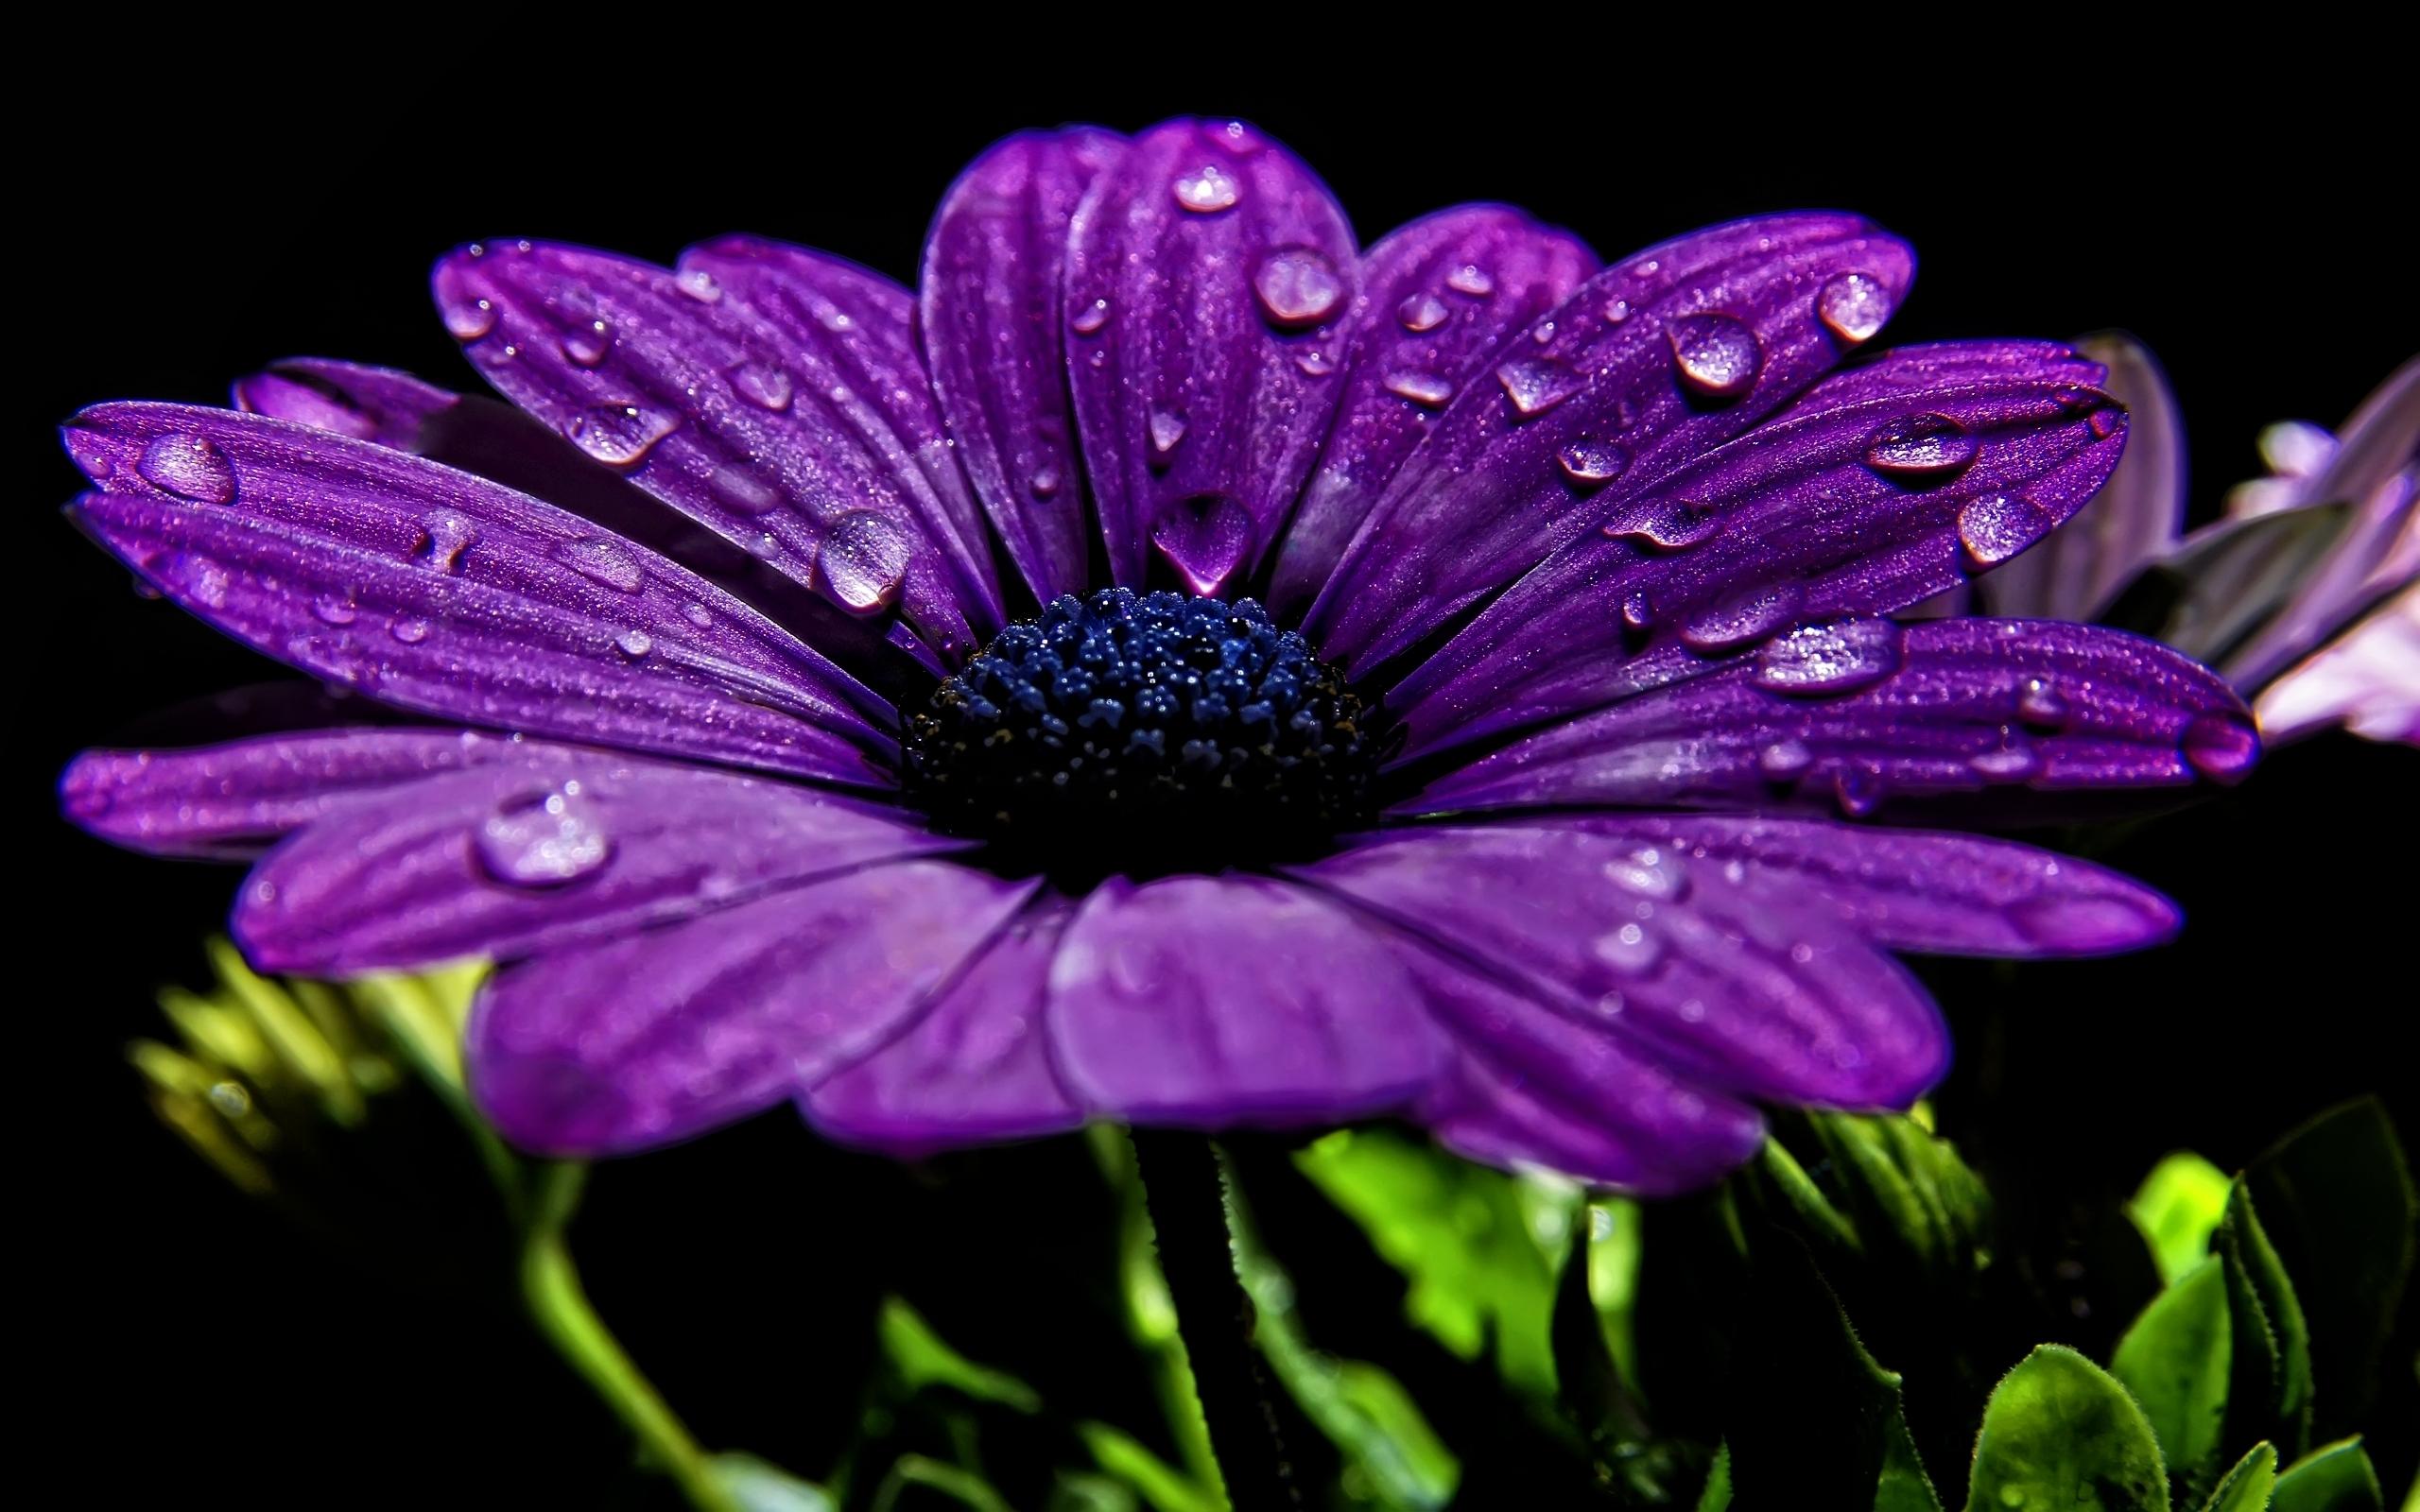 42797 Hintergrundbild herunterladen Pflanzen, Blumen - Bildschirmschoner und Bilder kostenlos